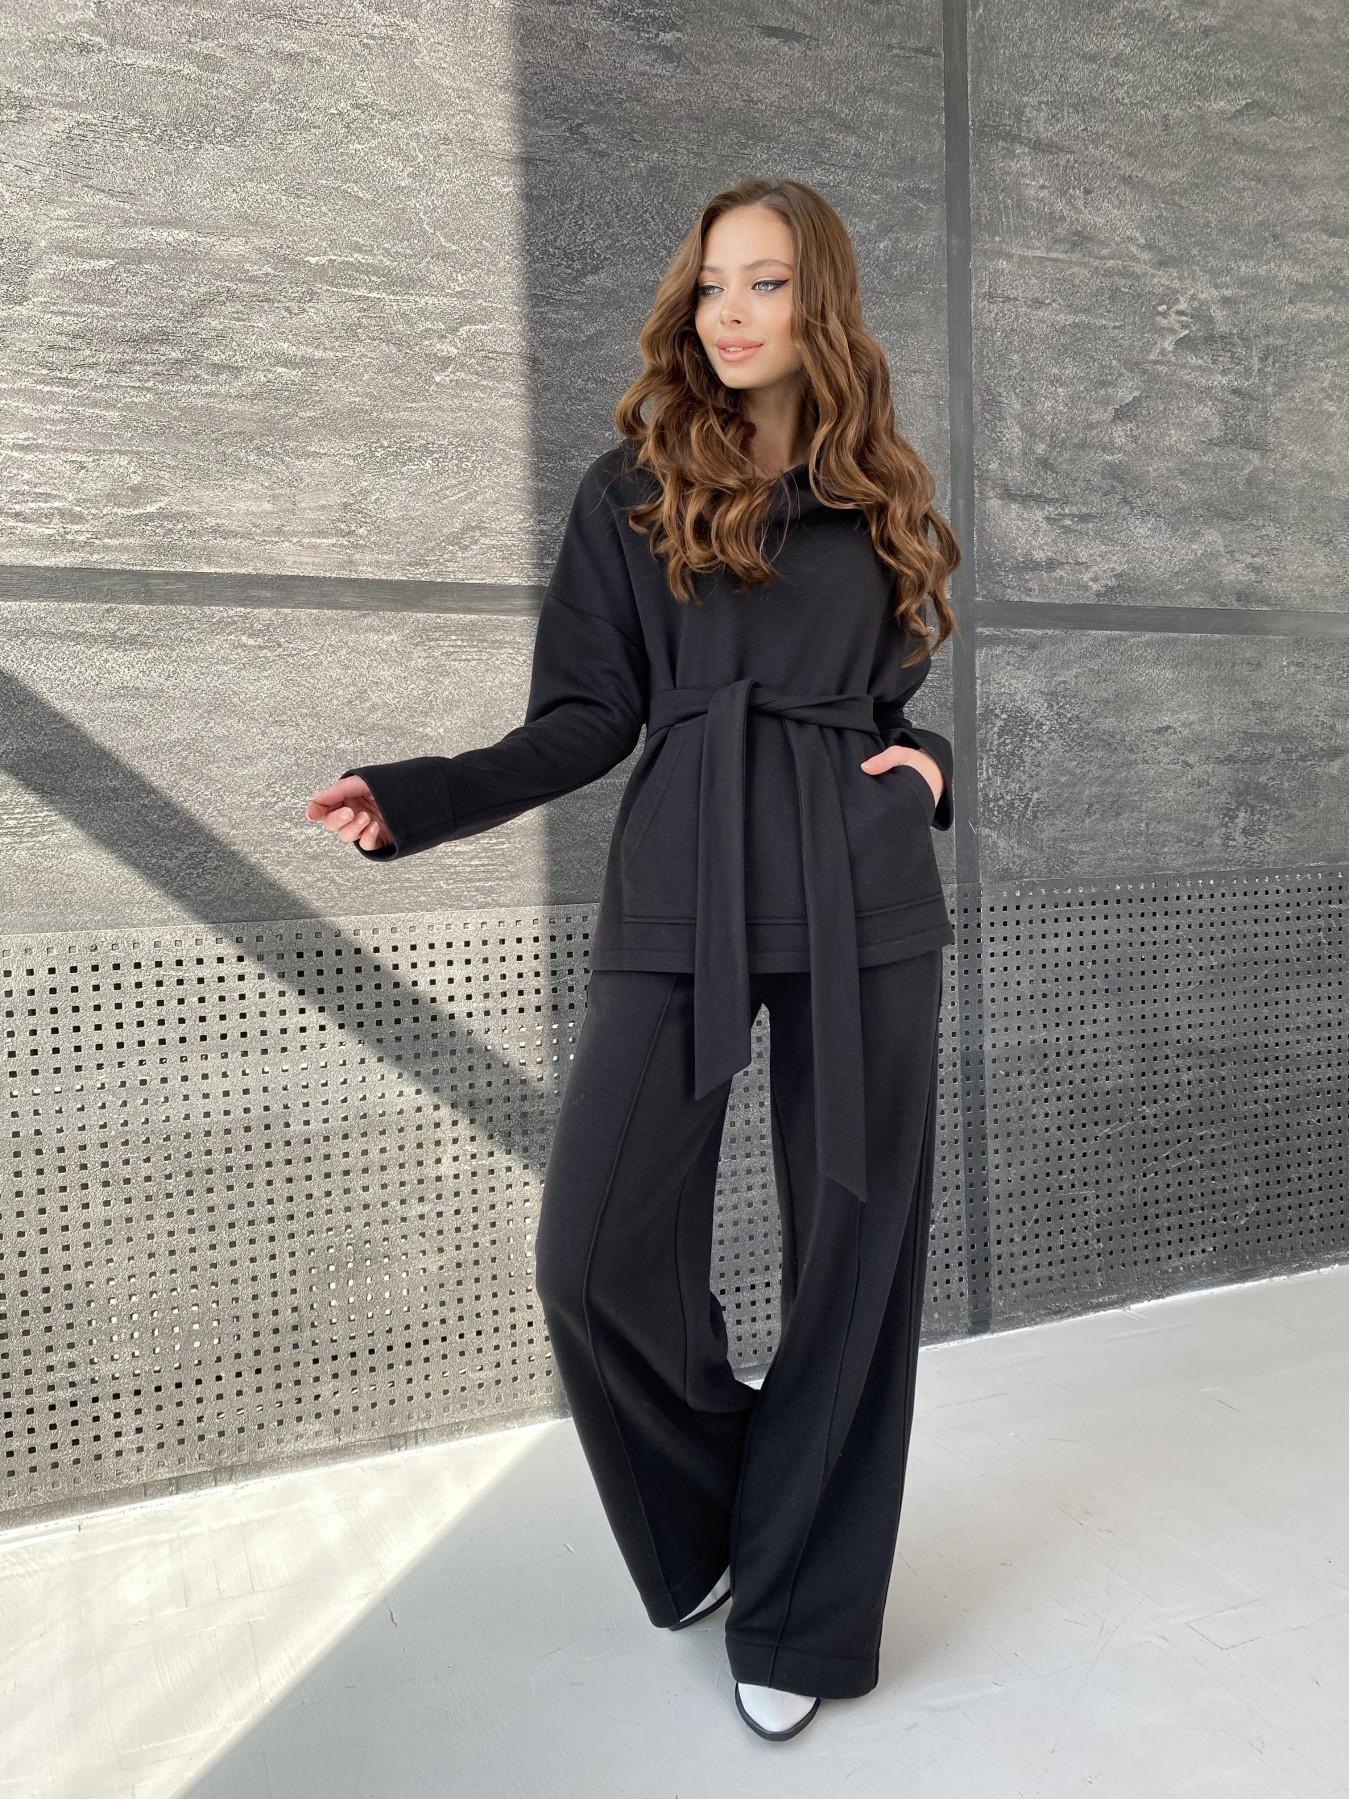 Кристиан костюм 3х нитка 10676 АРТ. 47247 Цвет: Черный - фото 1, интернет магазин tm-modus.ru